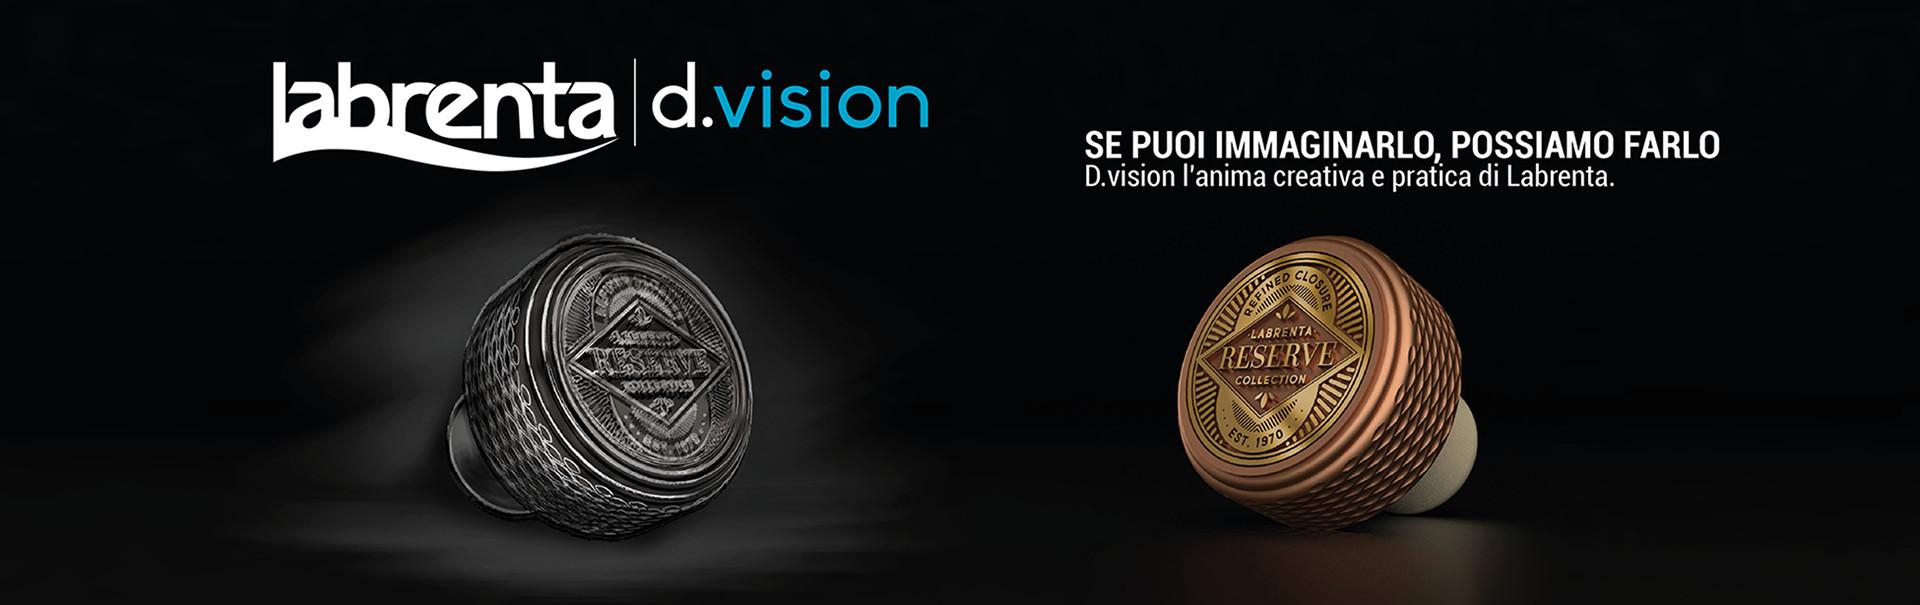 LaBrenta d.vision